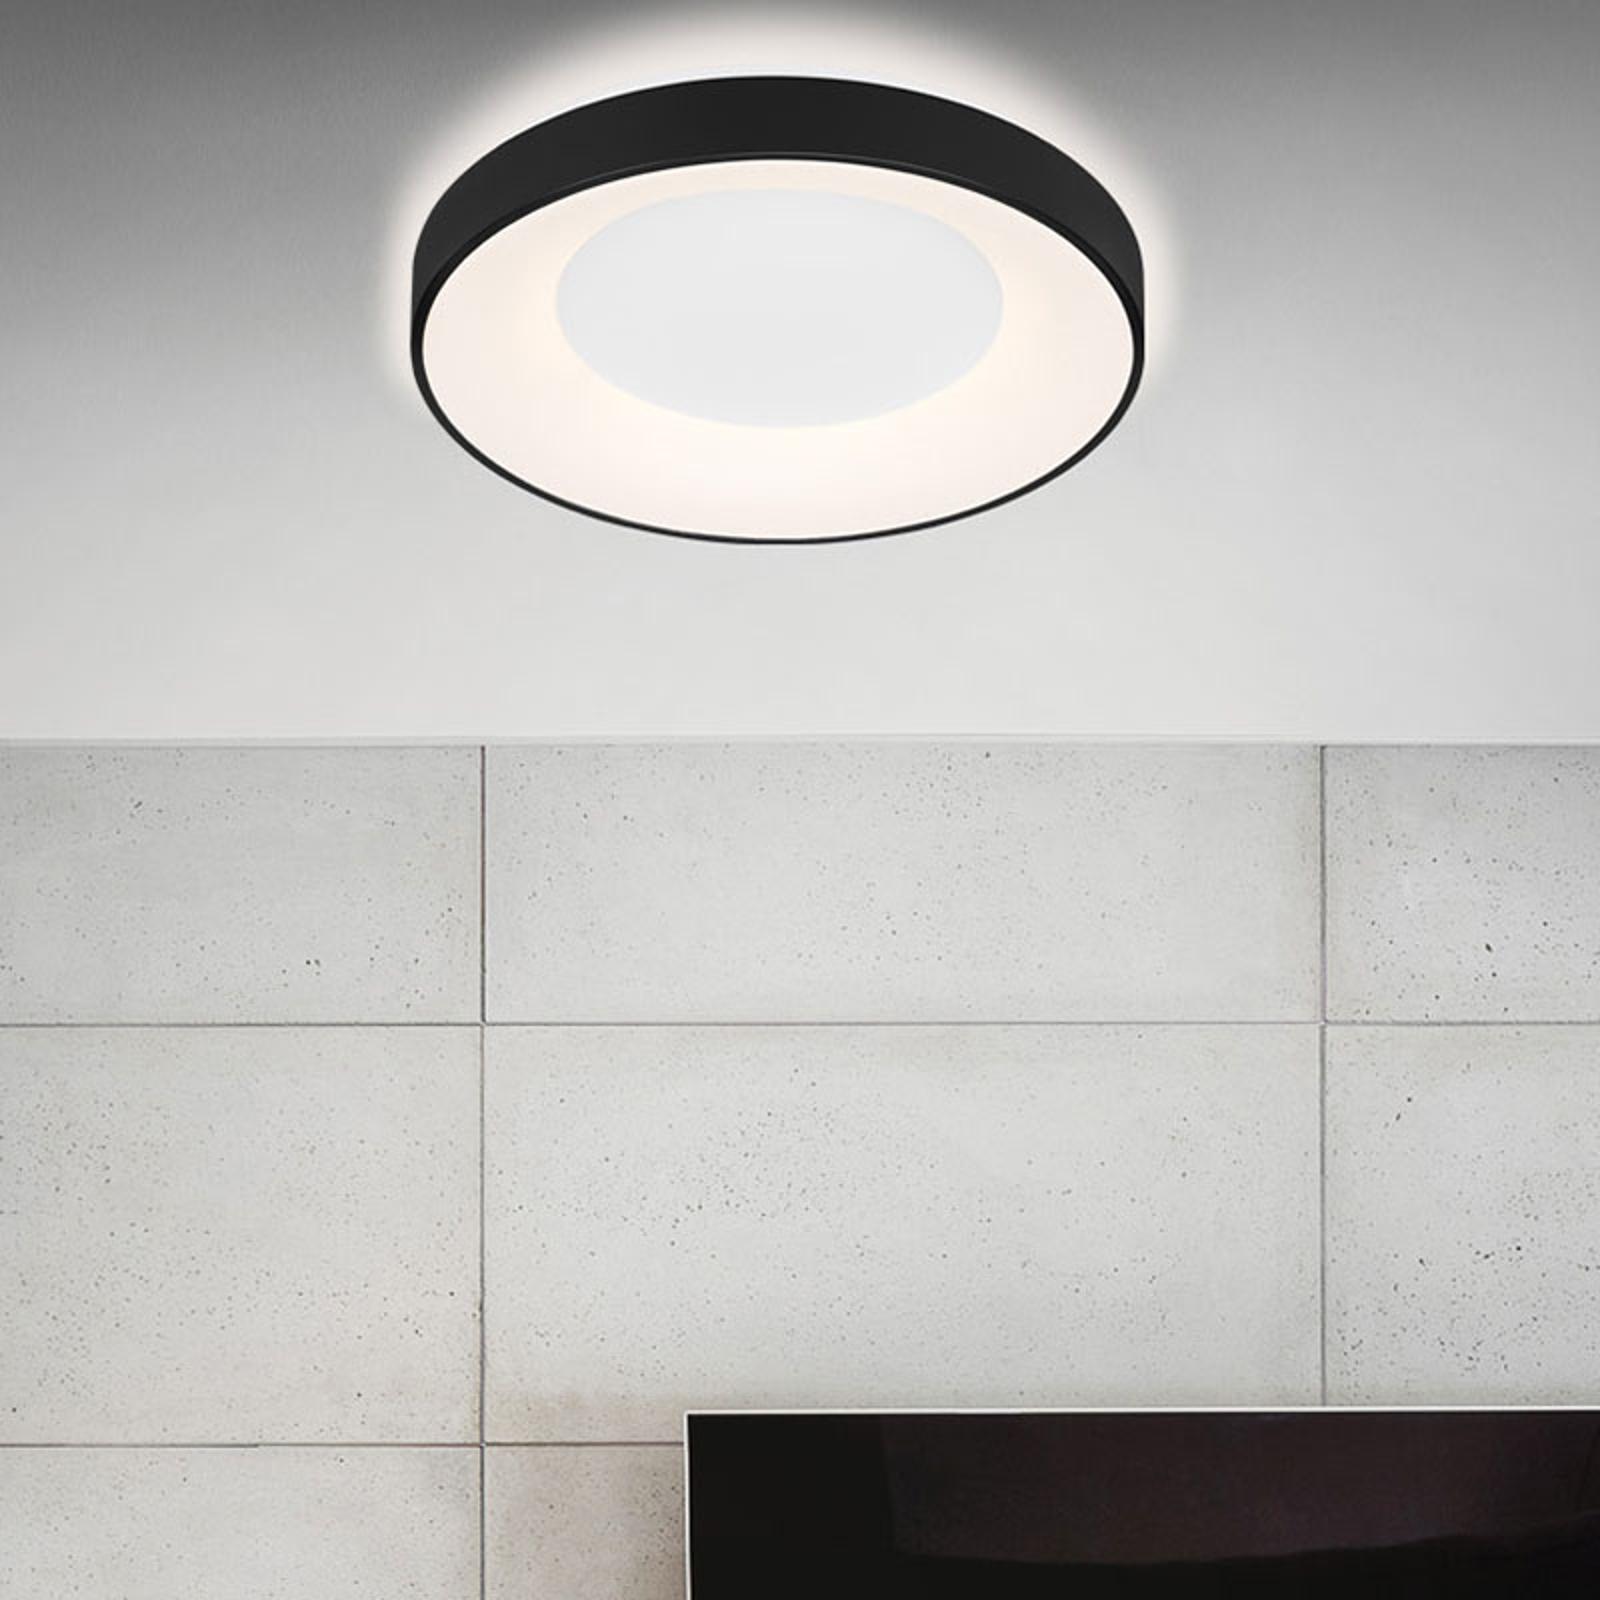 LED-Deckenleuchte Rondo CCT Fernbedienung, schwarz